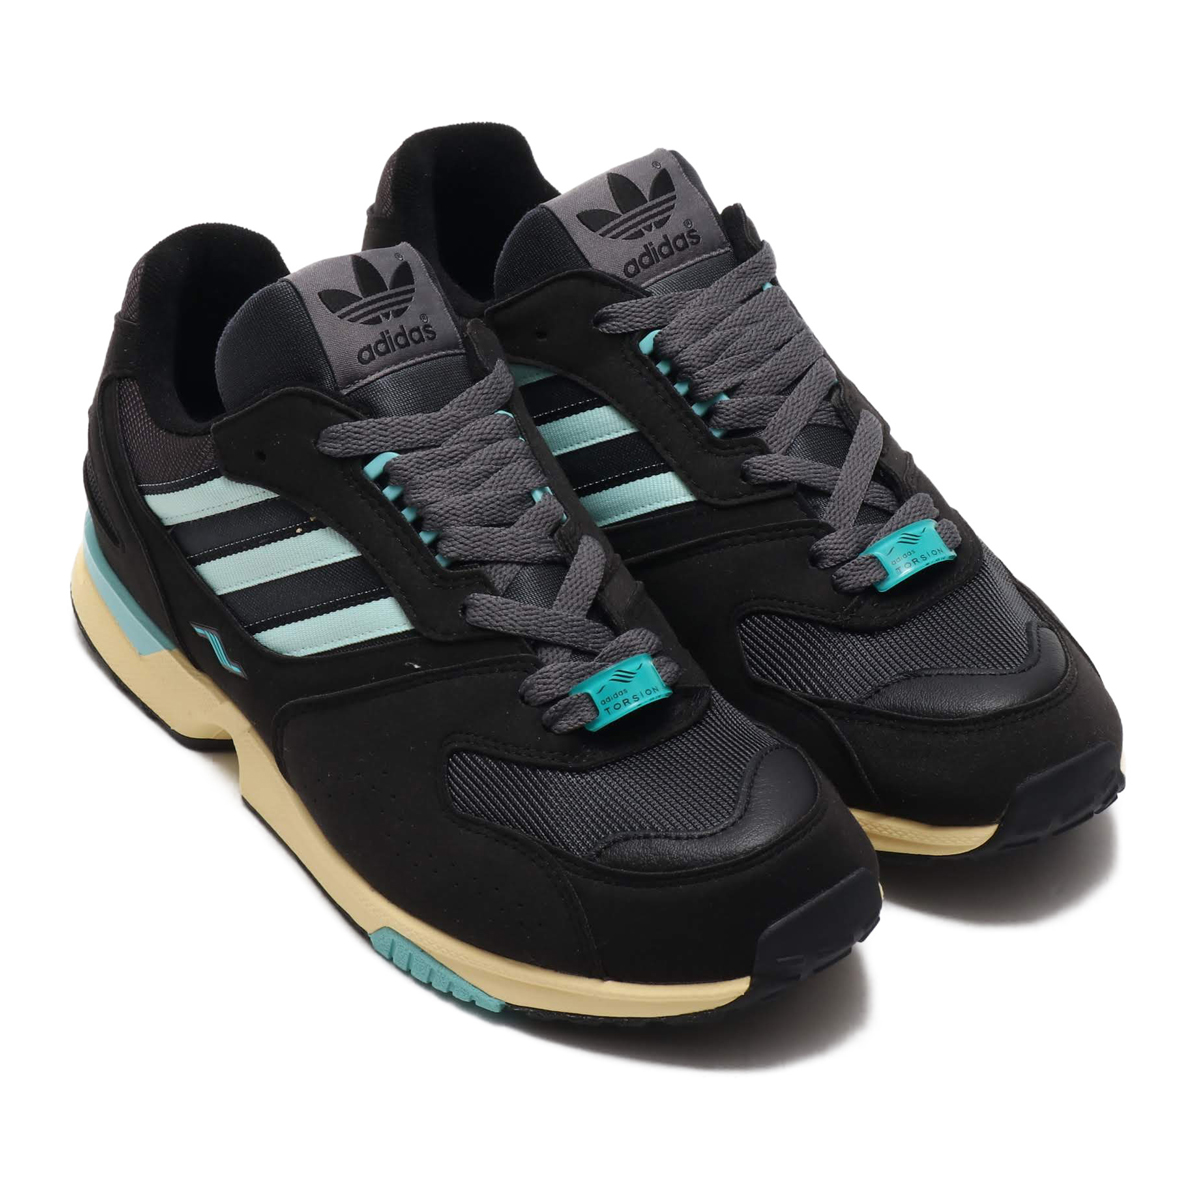 adidas torsion zx 4000 noir